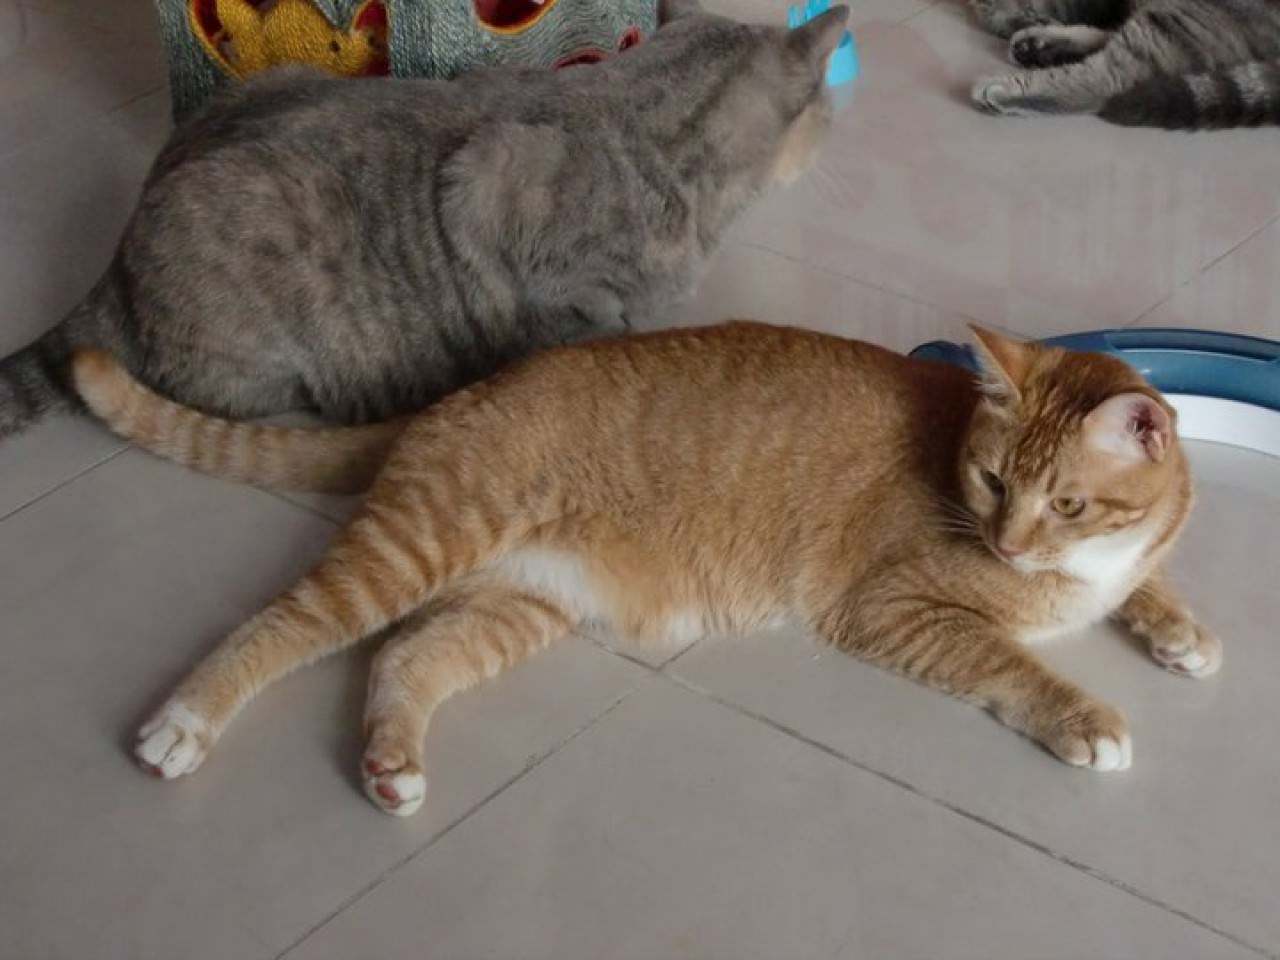 阿大是一隻橘貓,是尋常的唐貓色樣,但與身後的英短同樣得到Cannis的寵愛。(受訪者提供)